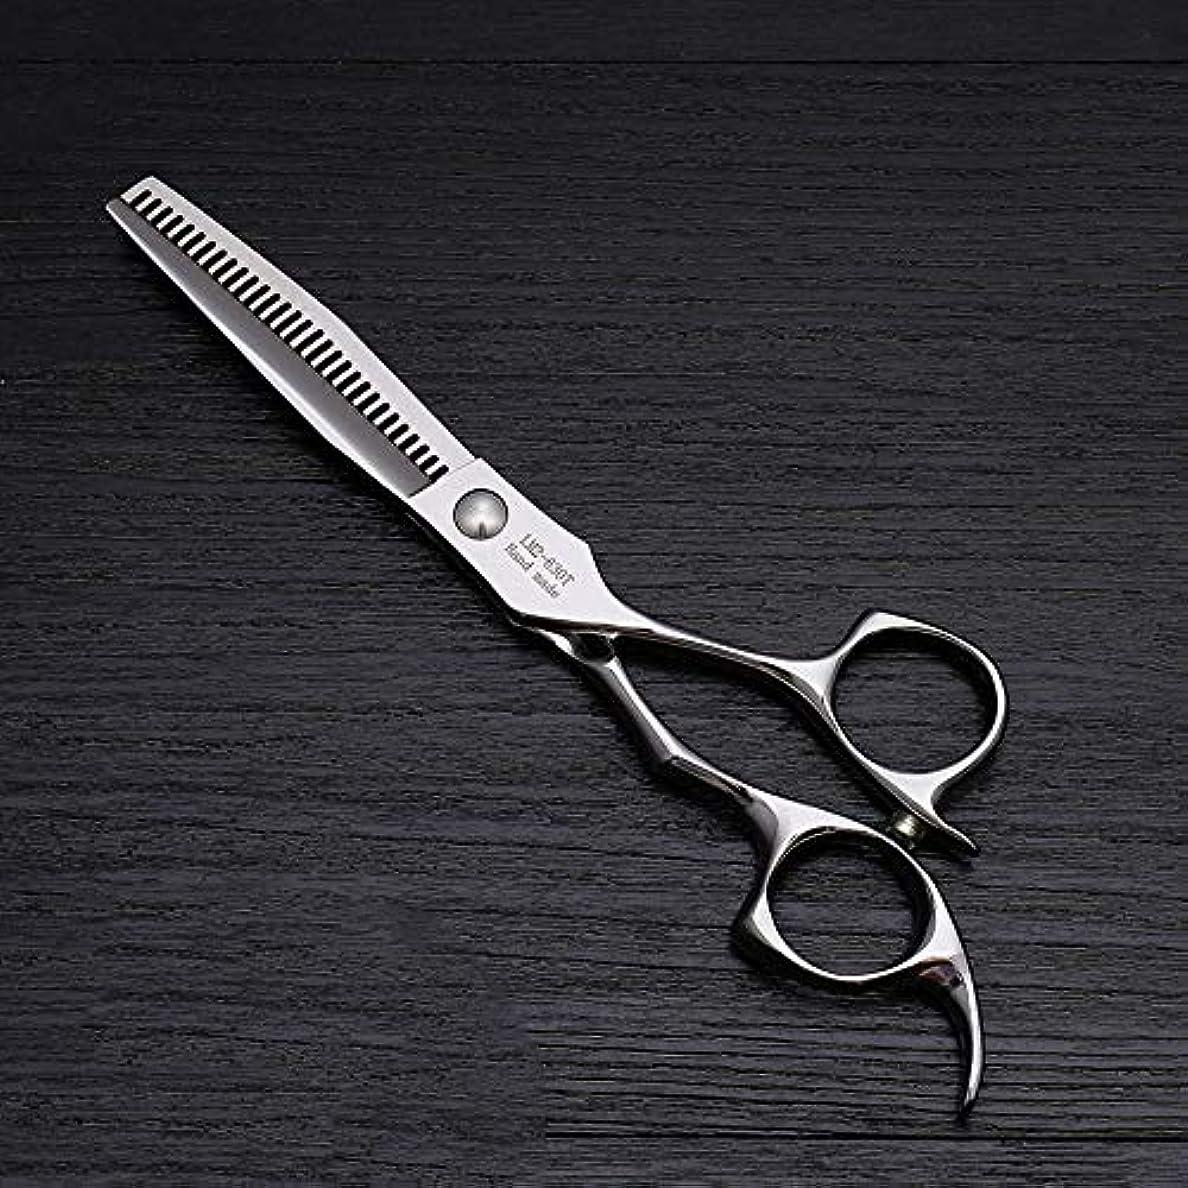 真剣に植物学定規Hairdressing 6インチのステンレス鋼の理髪はさみ、美容院の毛の切断用具の薄くなるはさみの毛の切断はさみのステンレス製の理髪師のはさみ (色 : Silver)